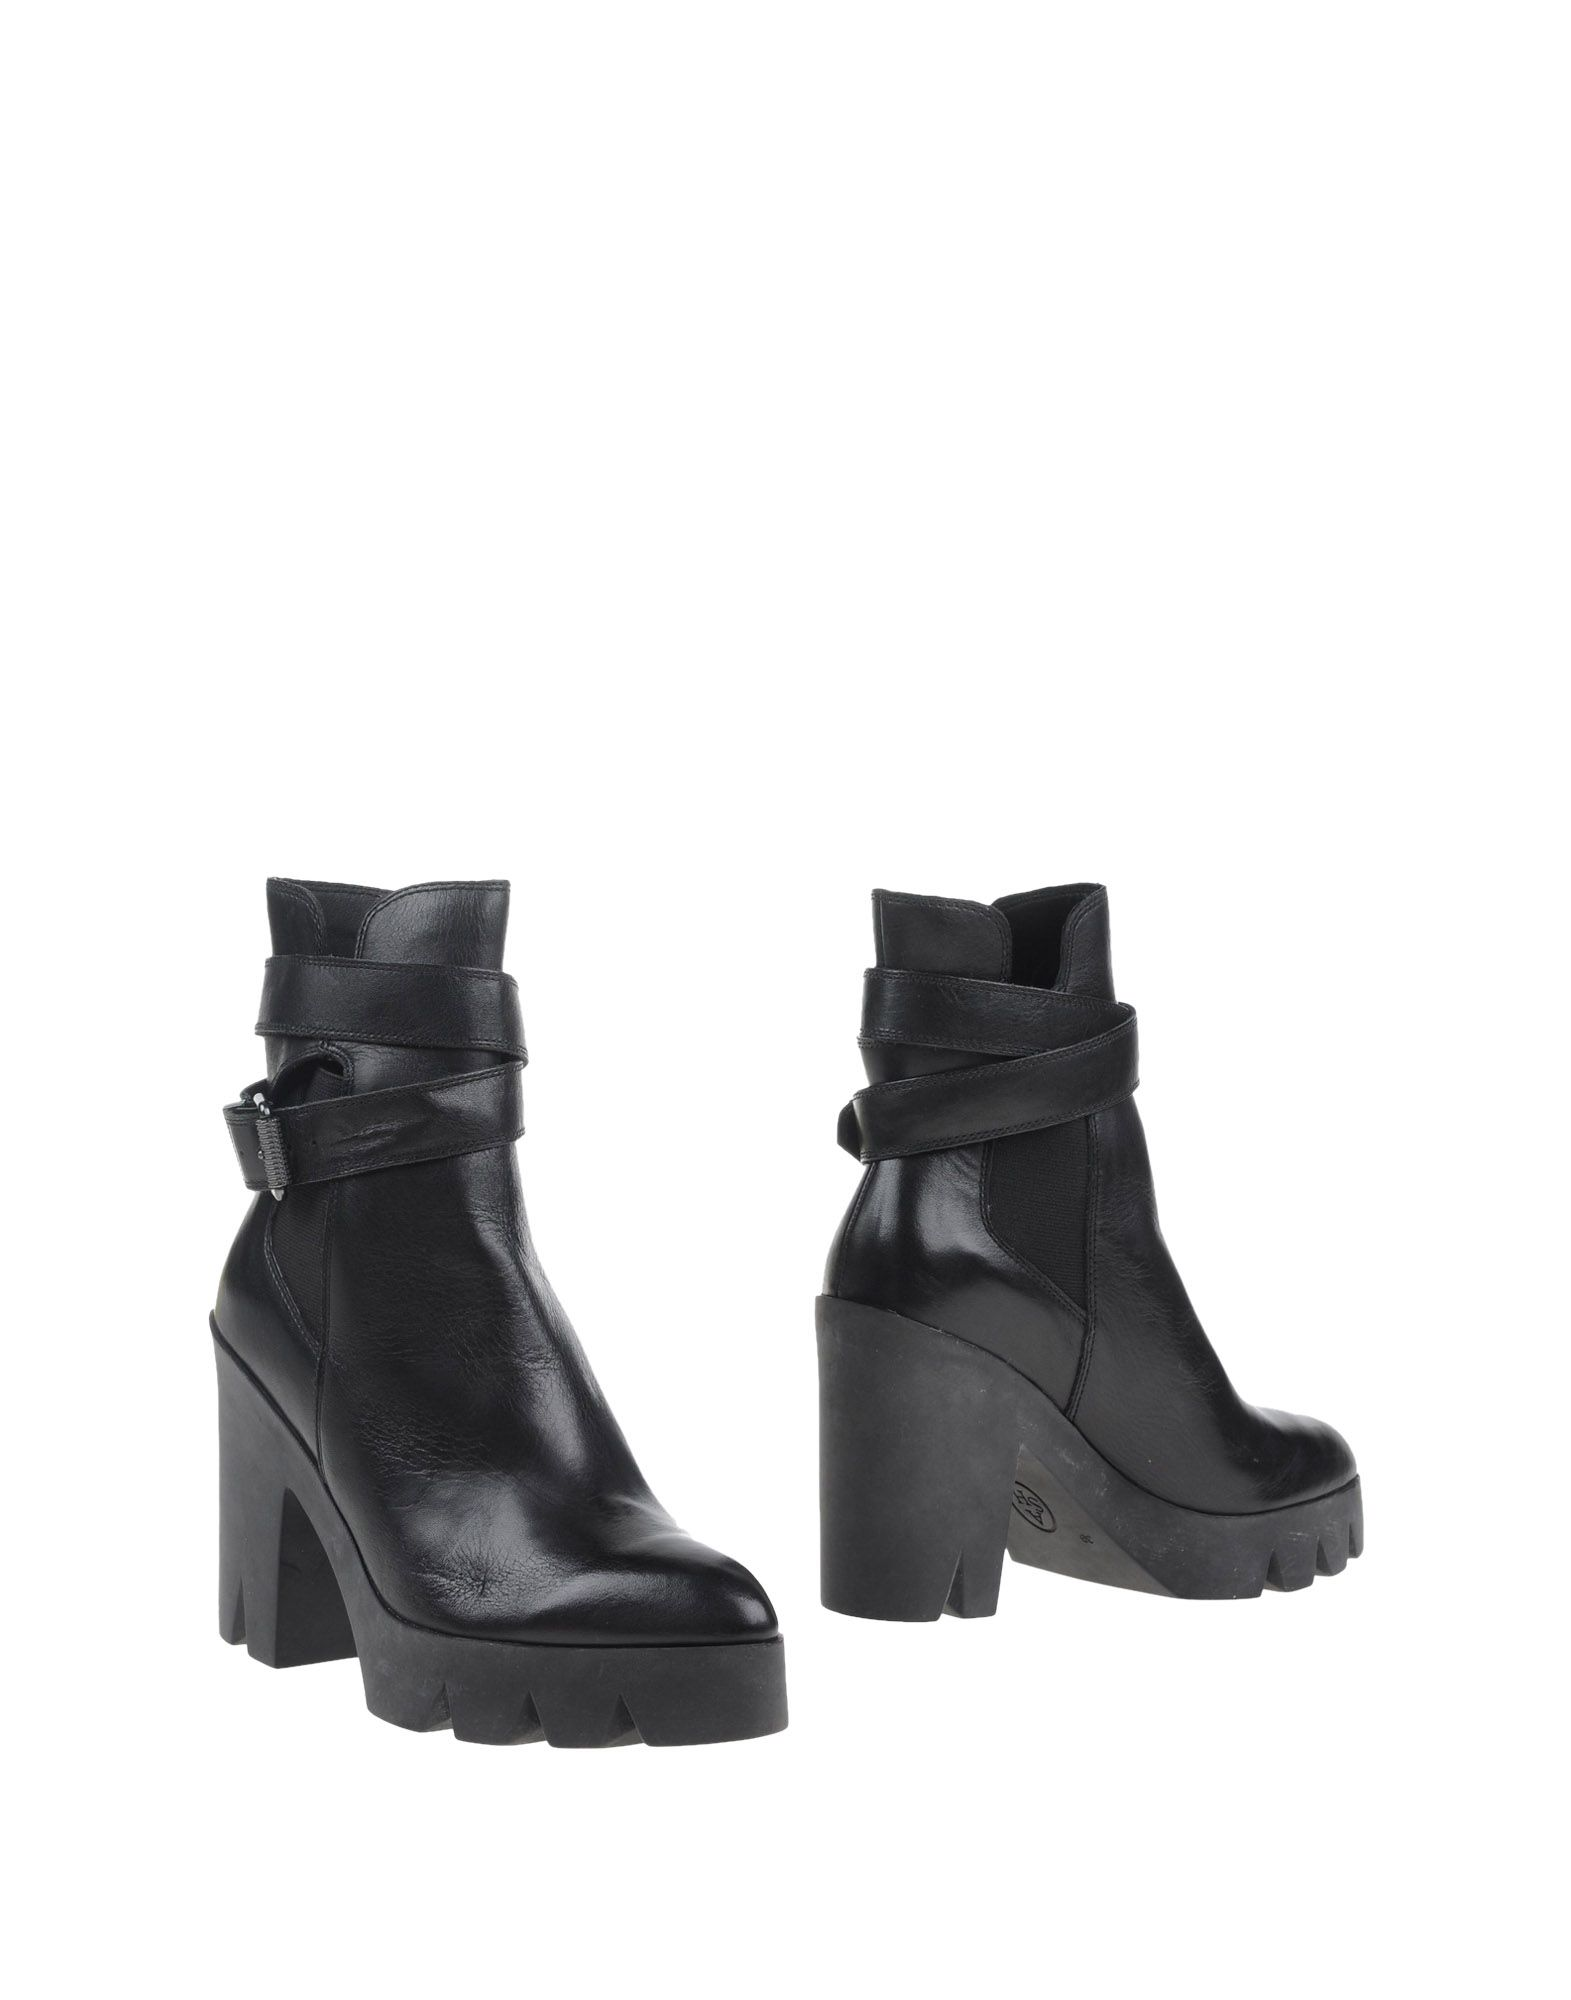 Ash Stiefelette 11042992CDGut Damen  11042992CDGut Stiefelette aussehende strapazierfähige Schuhe 092096